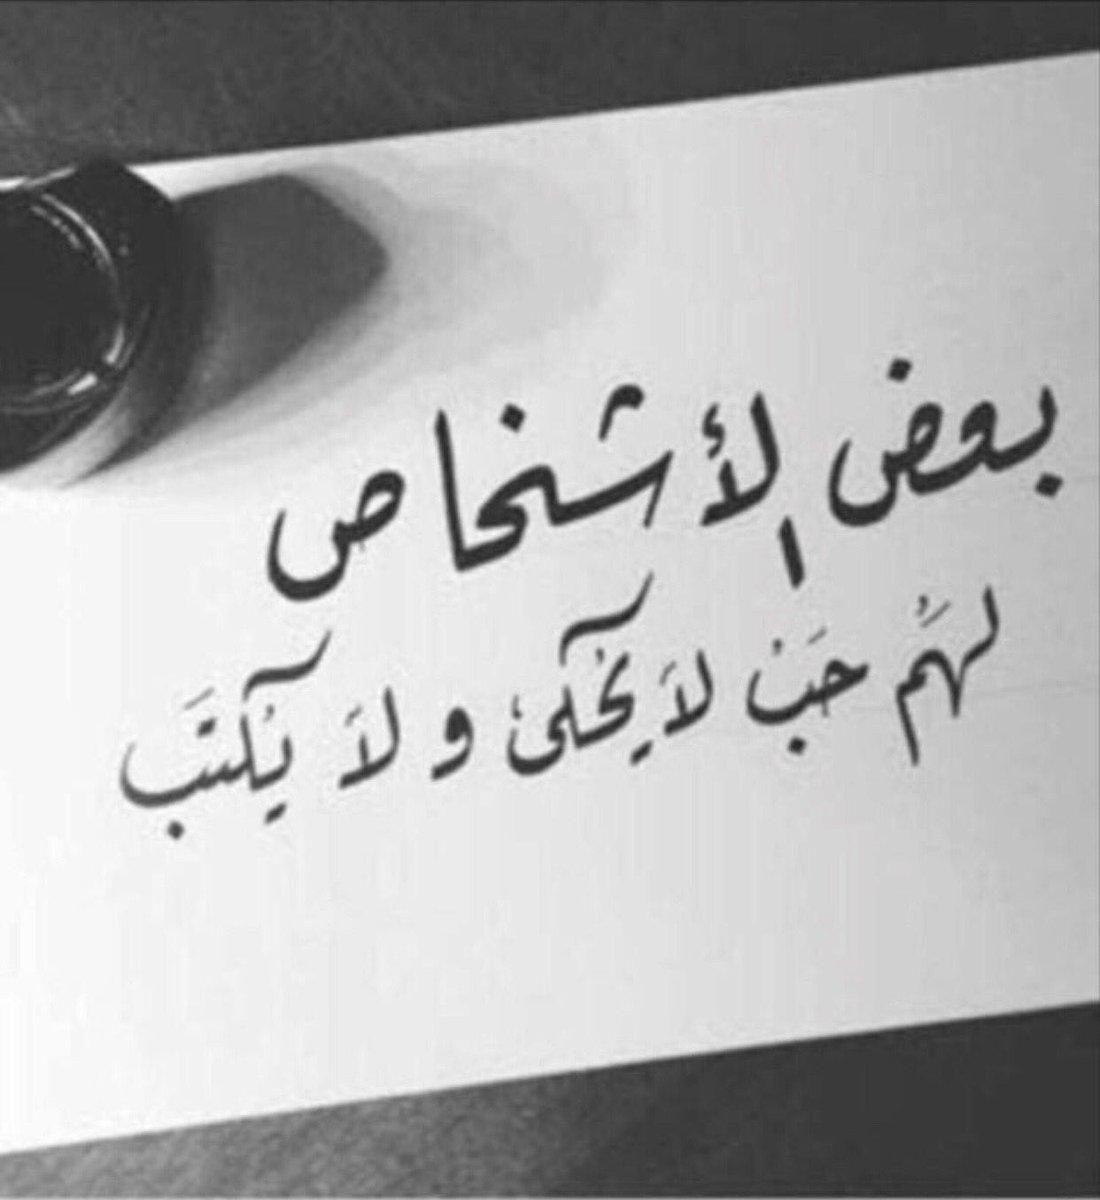 حالات واتساب جديدة 2020 حالات واتس اب عتاب وحزن وزعل من الحبيب Good Morning Arabic Love Illustration Love Photos